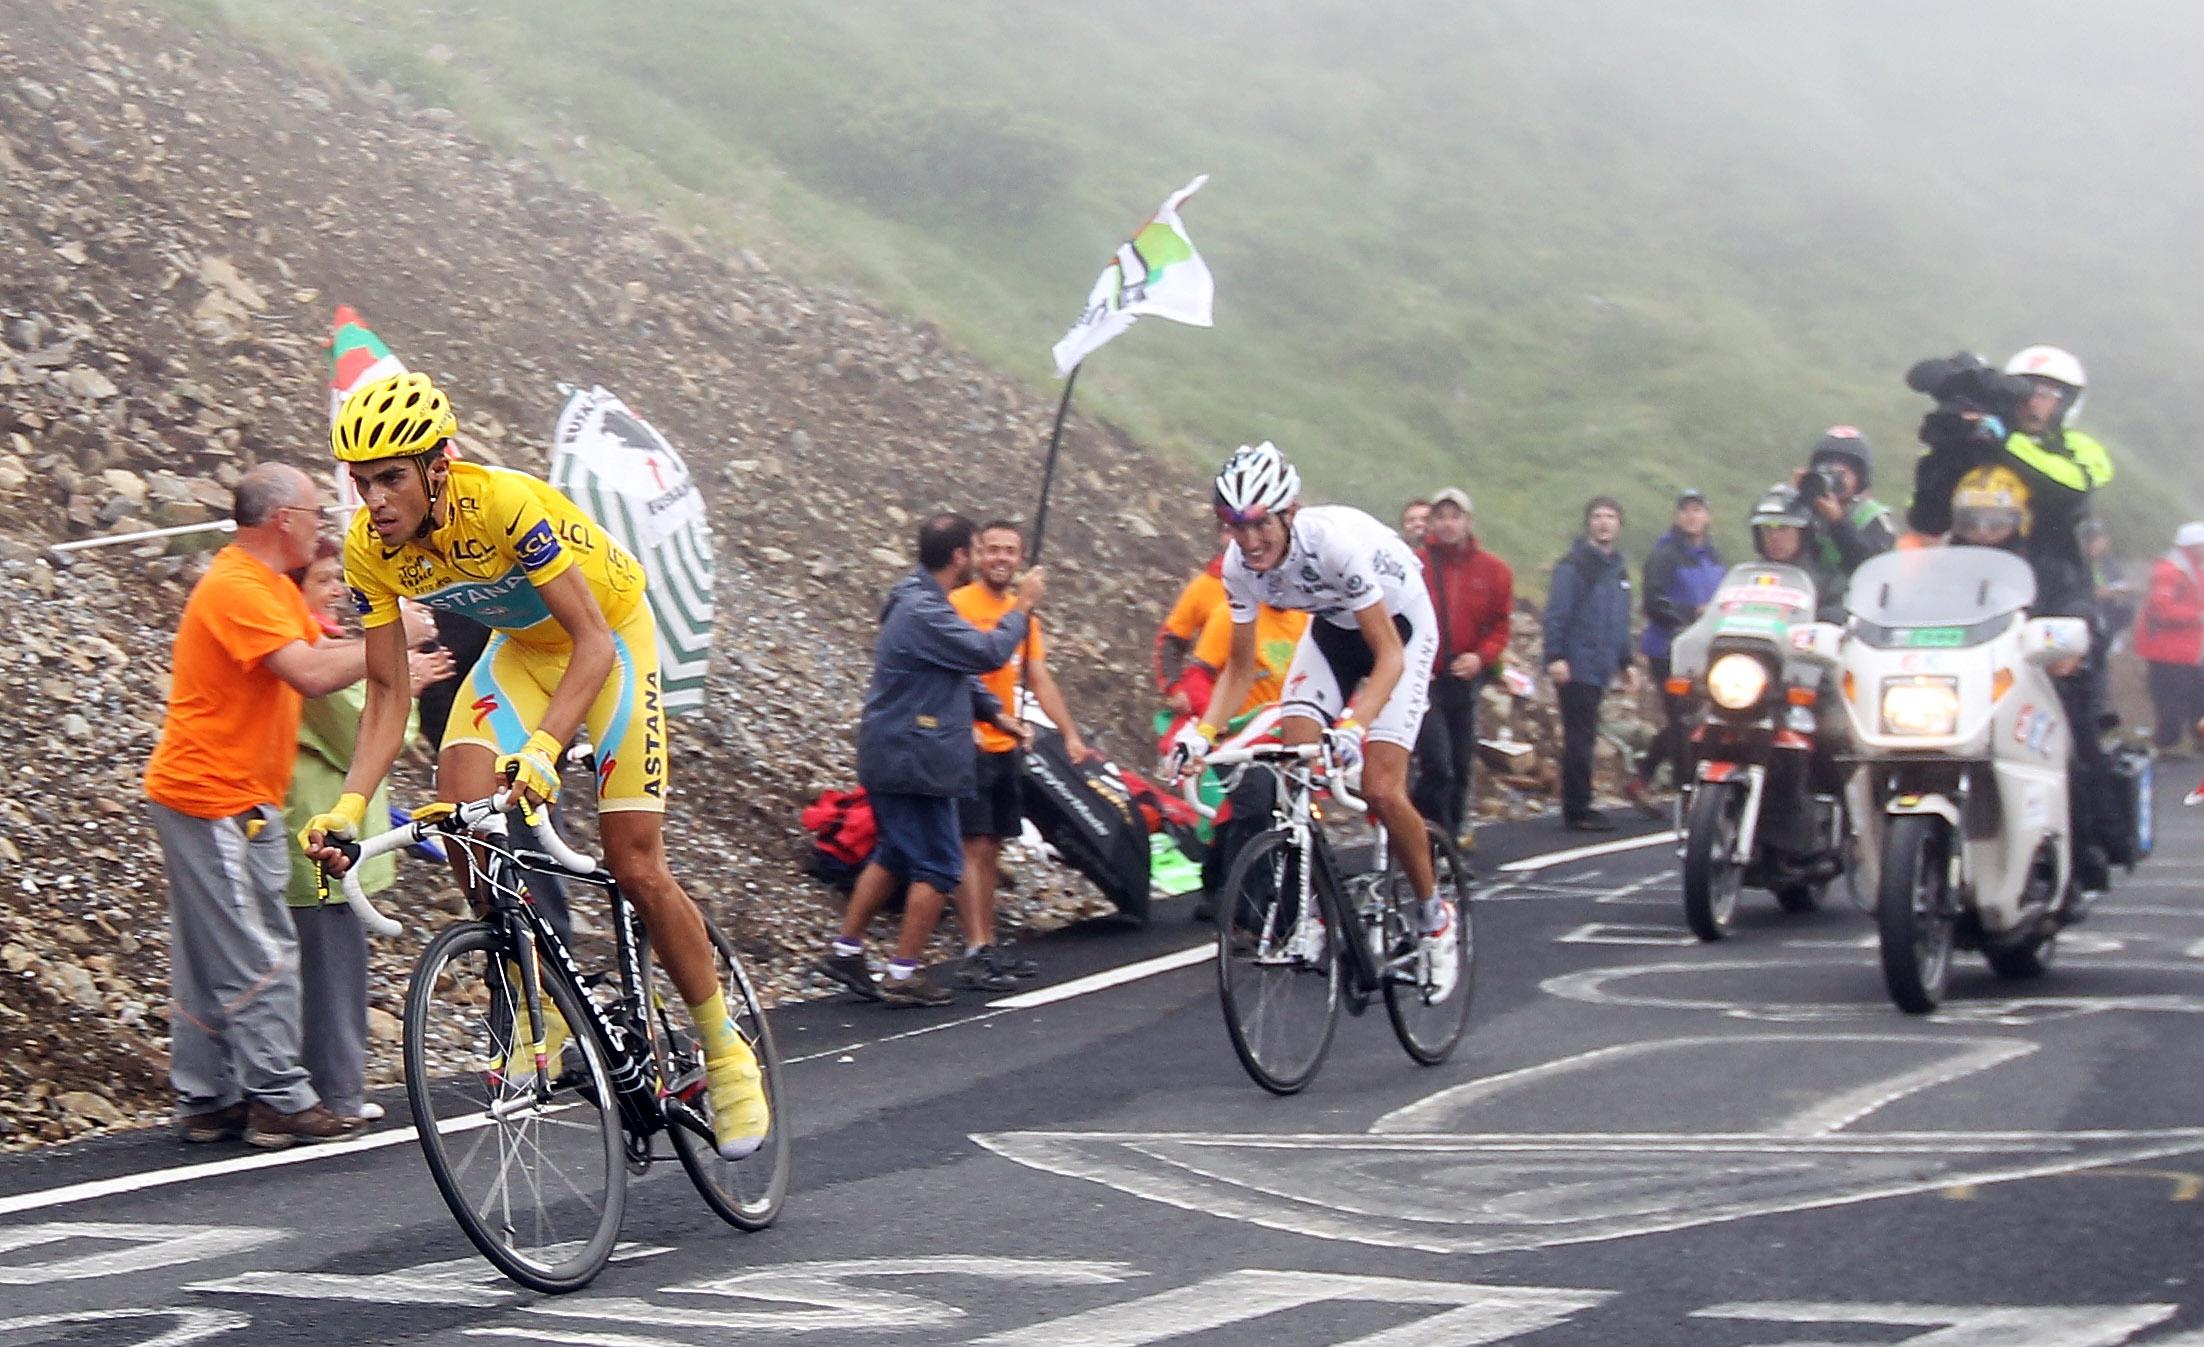 Le Tour 2010 - Stage Seventeen